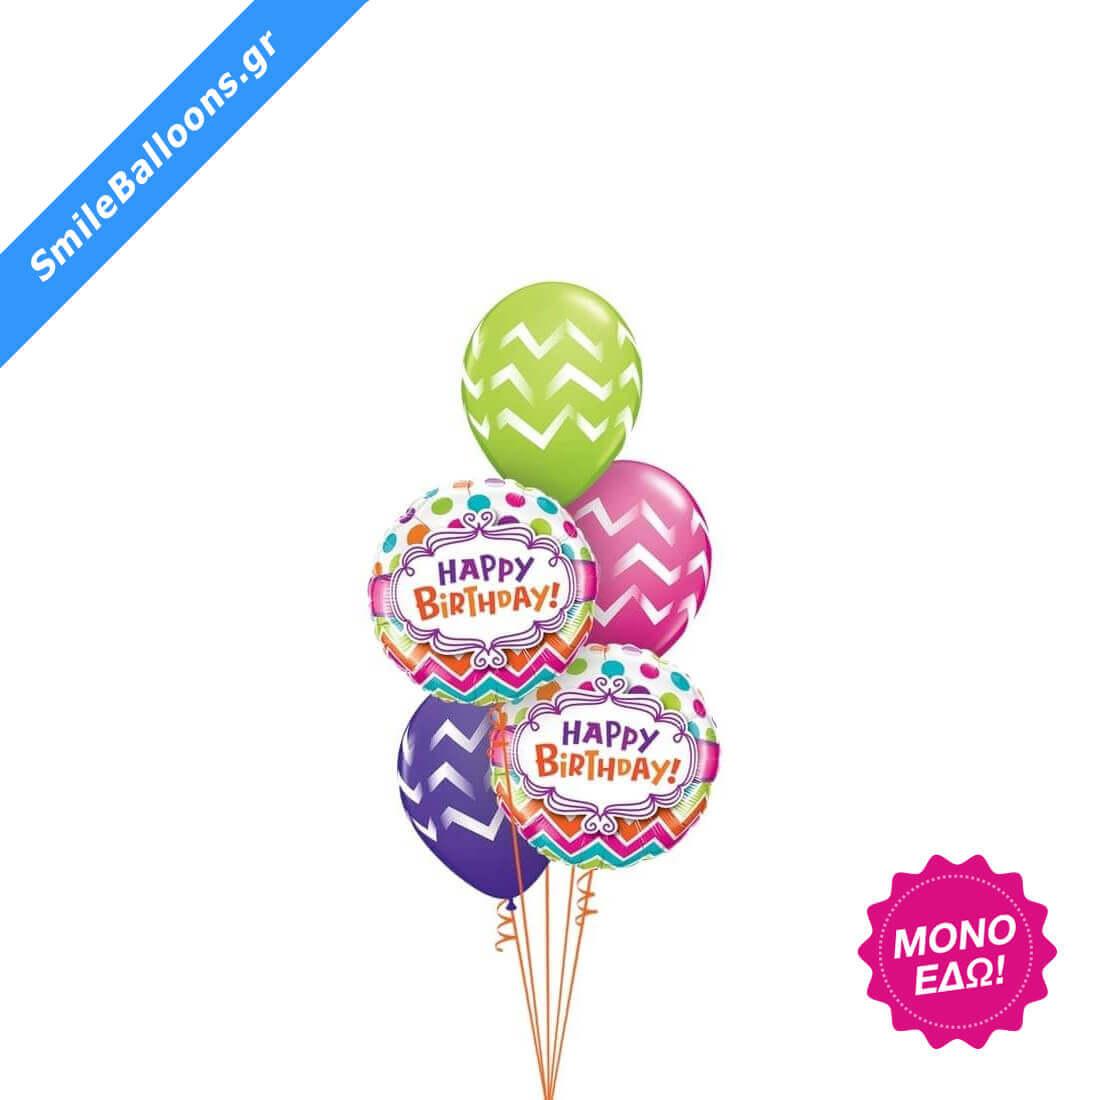 """Μπουκέτο μπαλονιών """"Colorful Birthday Patterns"""""""